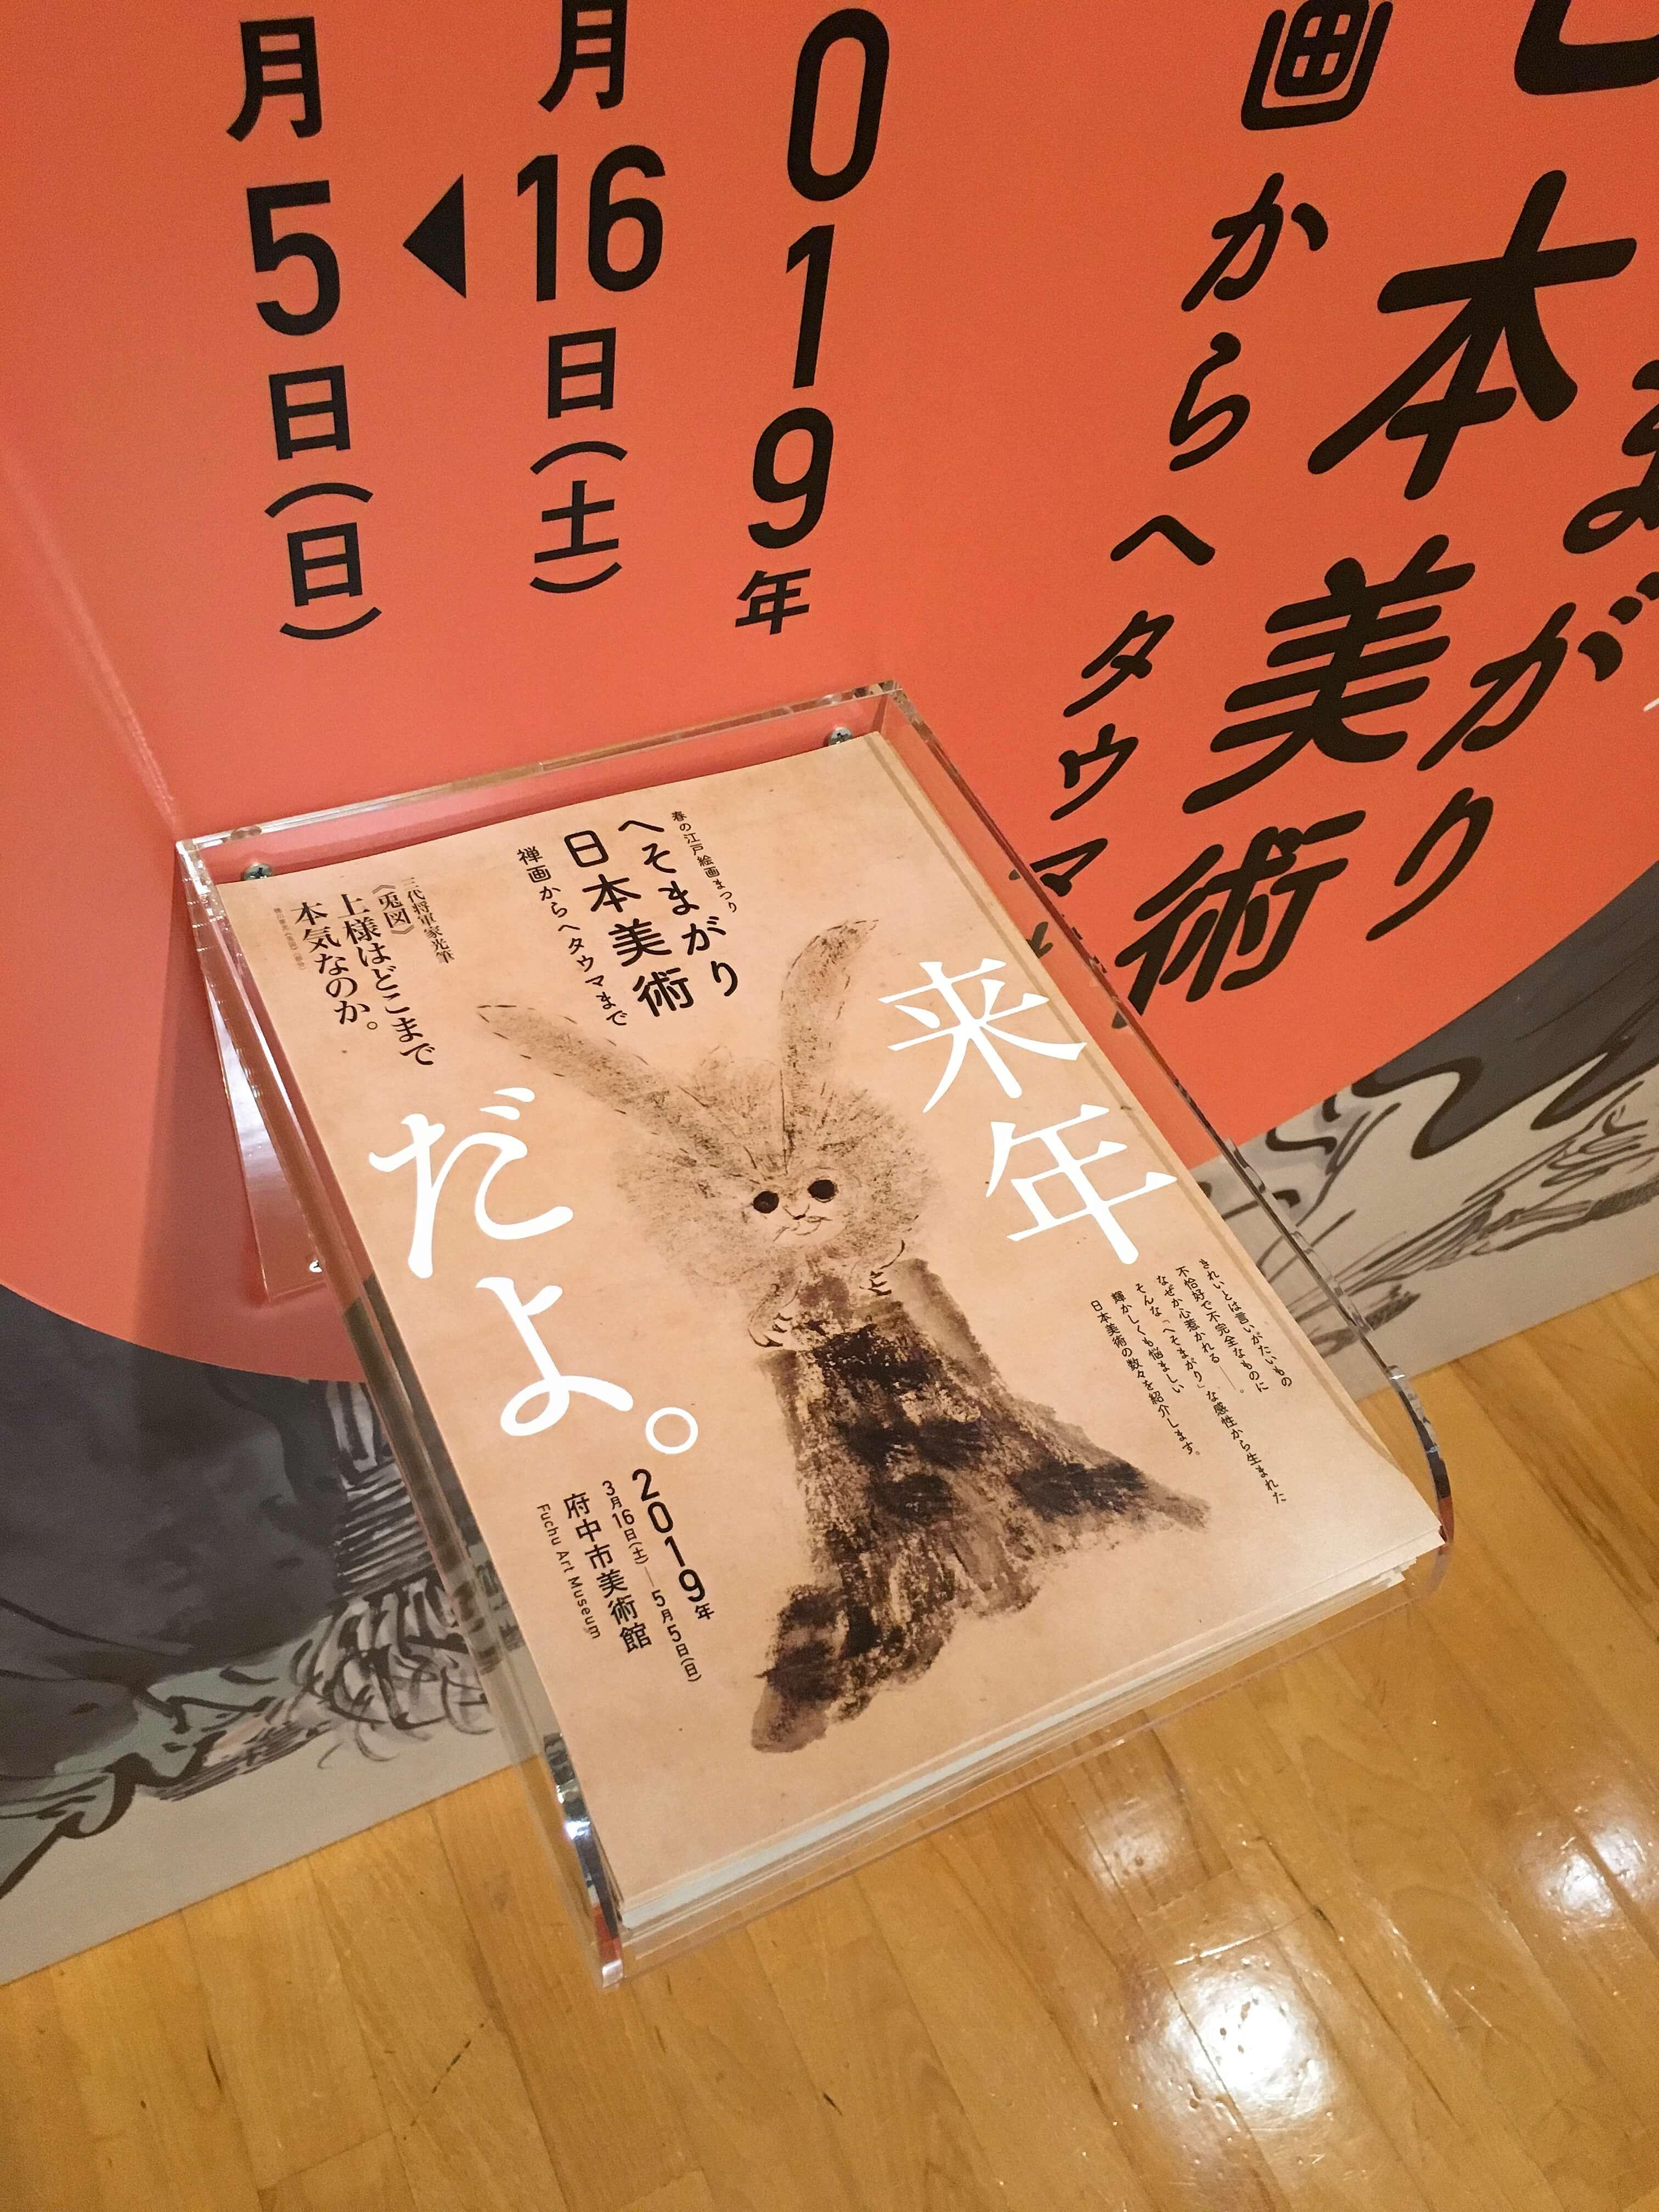 へそまがり日本美術展